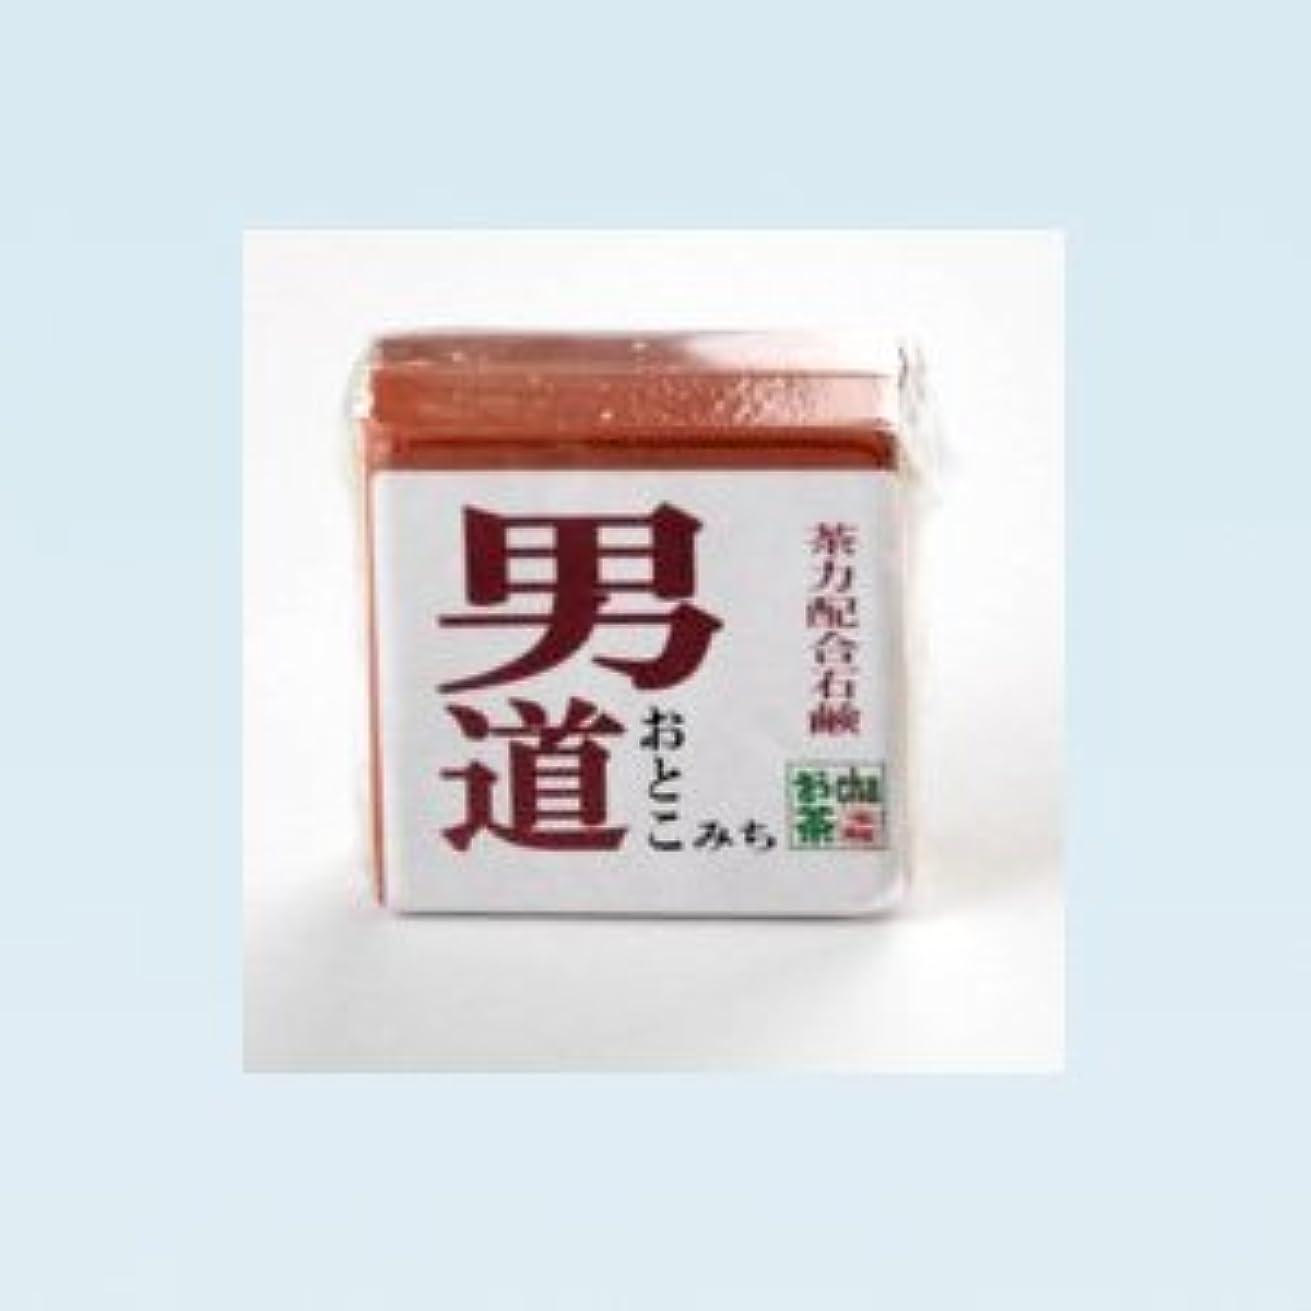 特権乳剤刺します男性用無添加石鹸 男道 115g固形タイプ 抗菌力99.9%の日本初の無添加石鹸